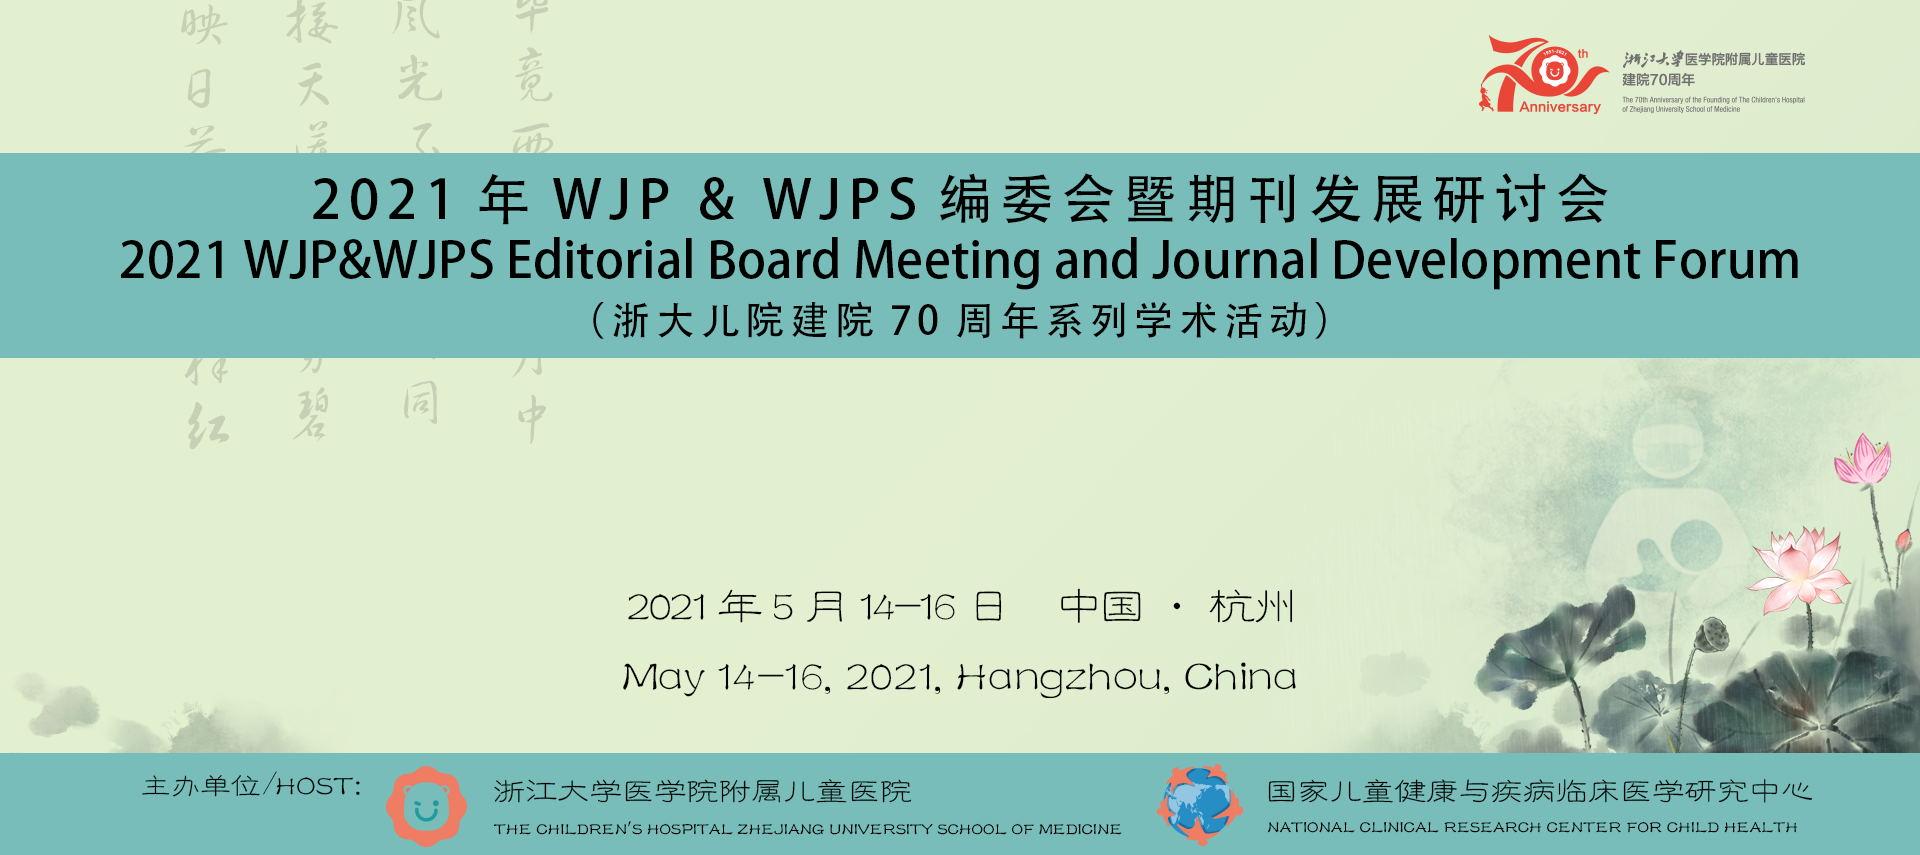 2021 年 WJP & WJPS 编委会暨期刊发展研讨会